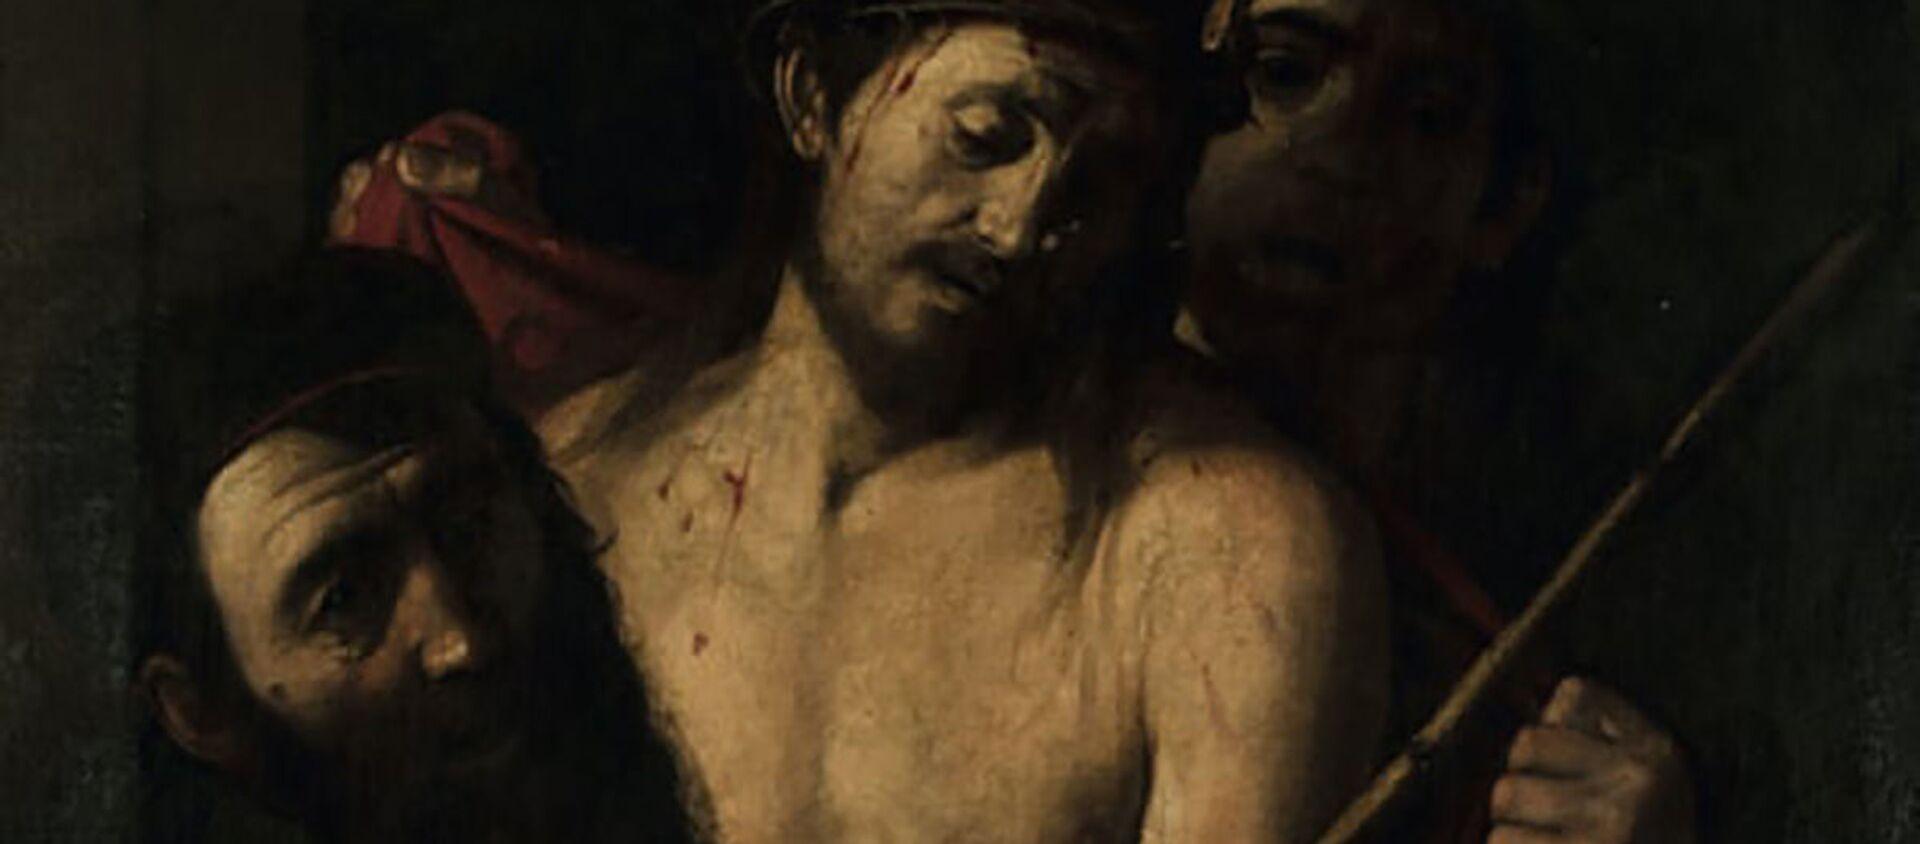 カラヴァッジの消えた傑作とされる絵画 スペインのオークションで1500ユーロであわや落札 - Sputnik 日本, 1920, 10.04.2021